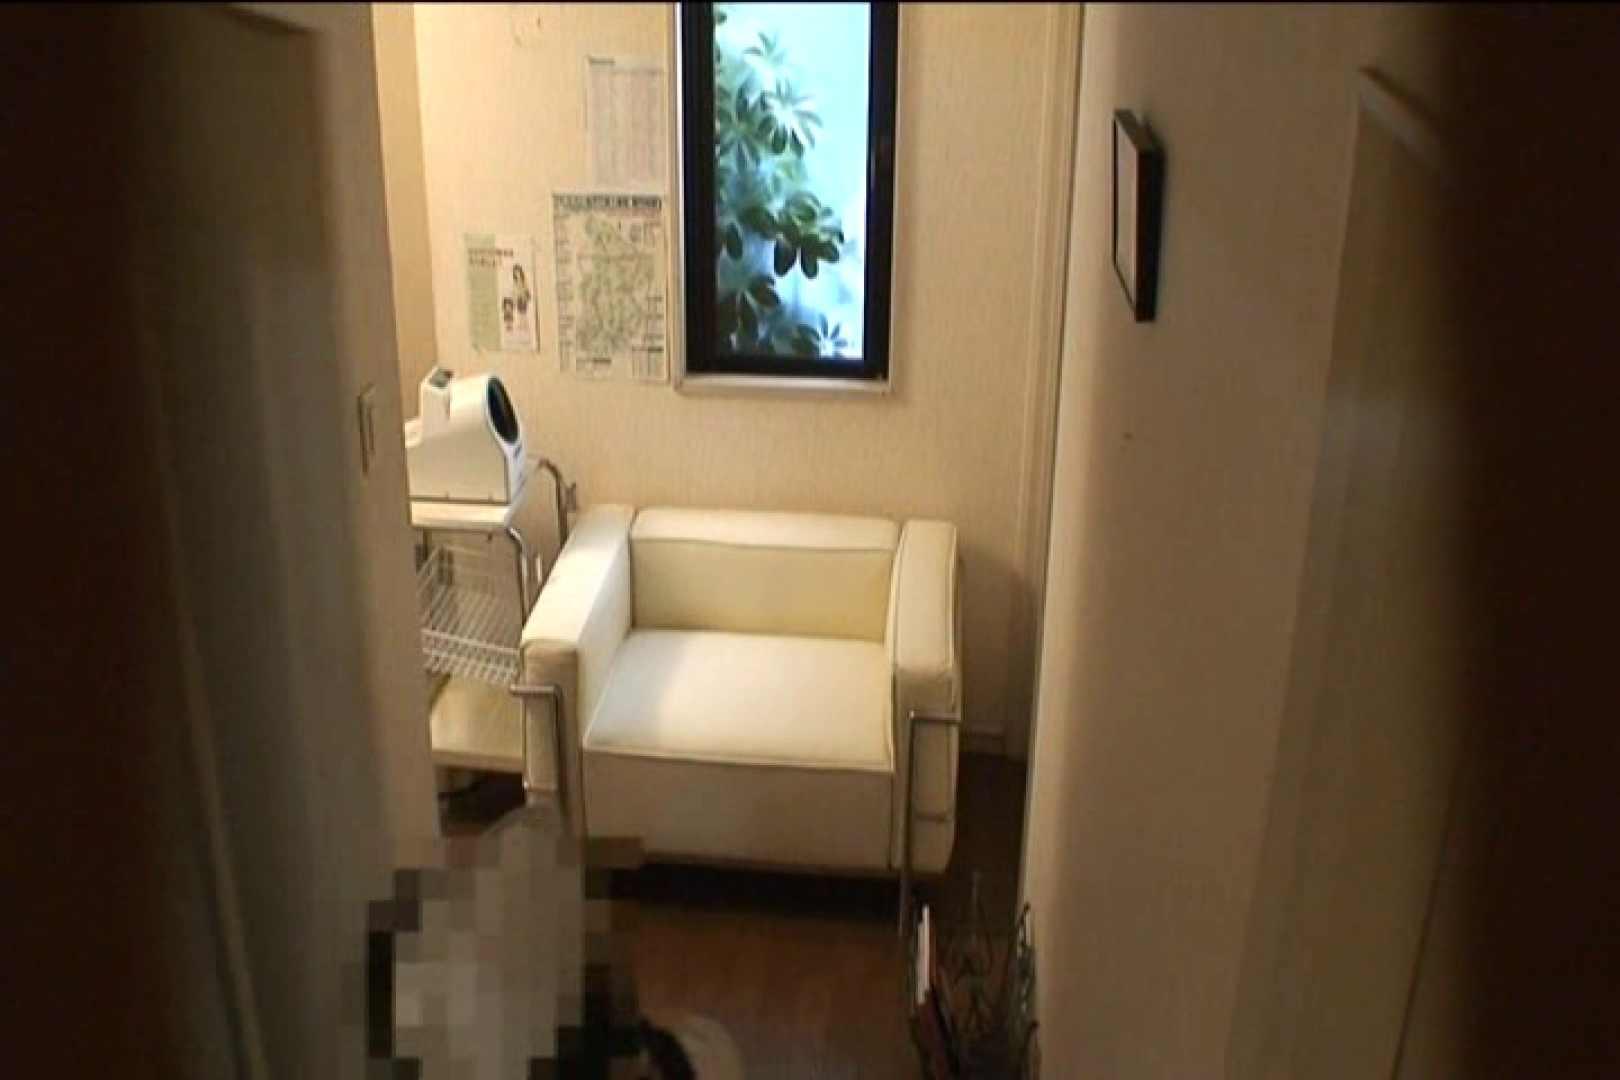 患者のおまんこをコレクションする変態医師の流出映像Vol.1 卑猥 盗撮動画紹介 78pic 2